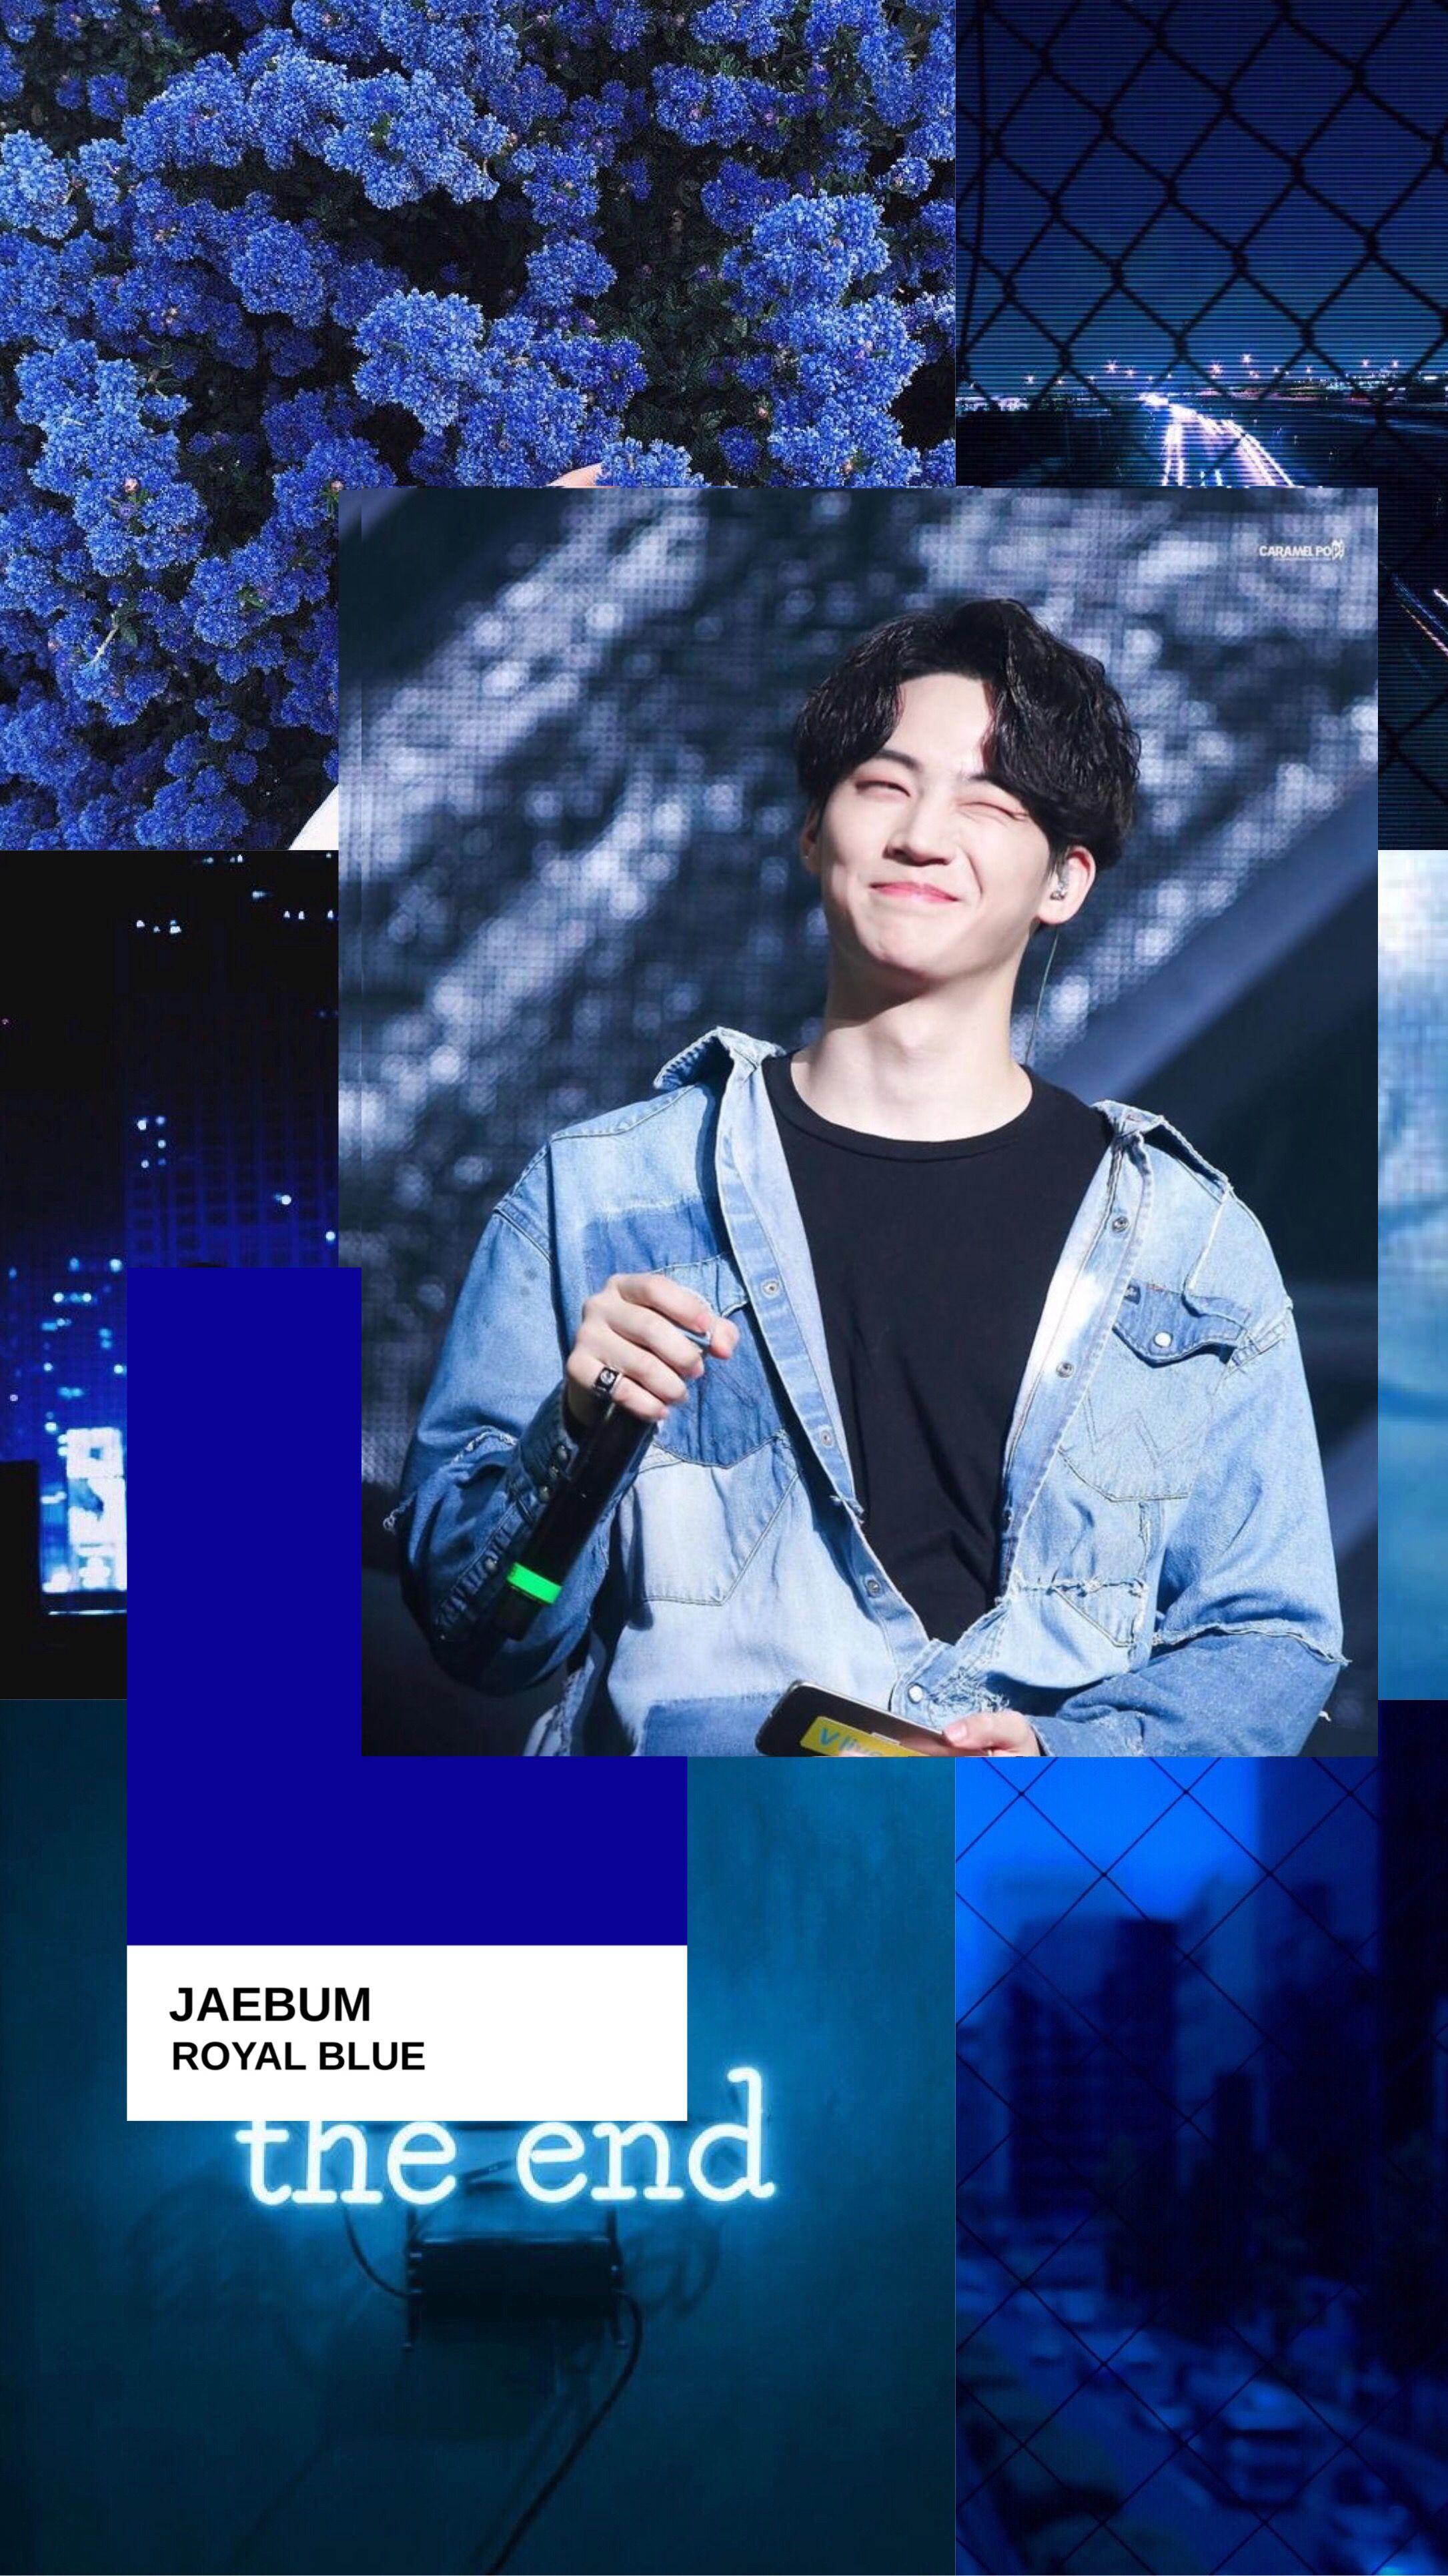 Wallpaper Jaebum Got7 Cr Apjungkook Entertainment Jackson Got7